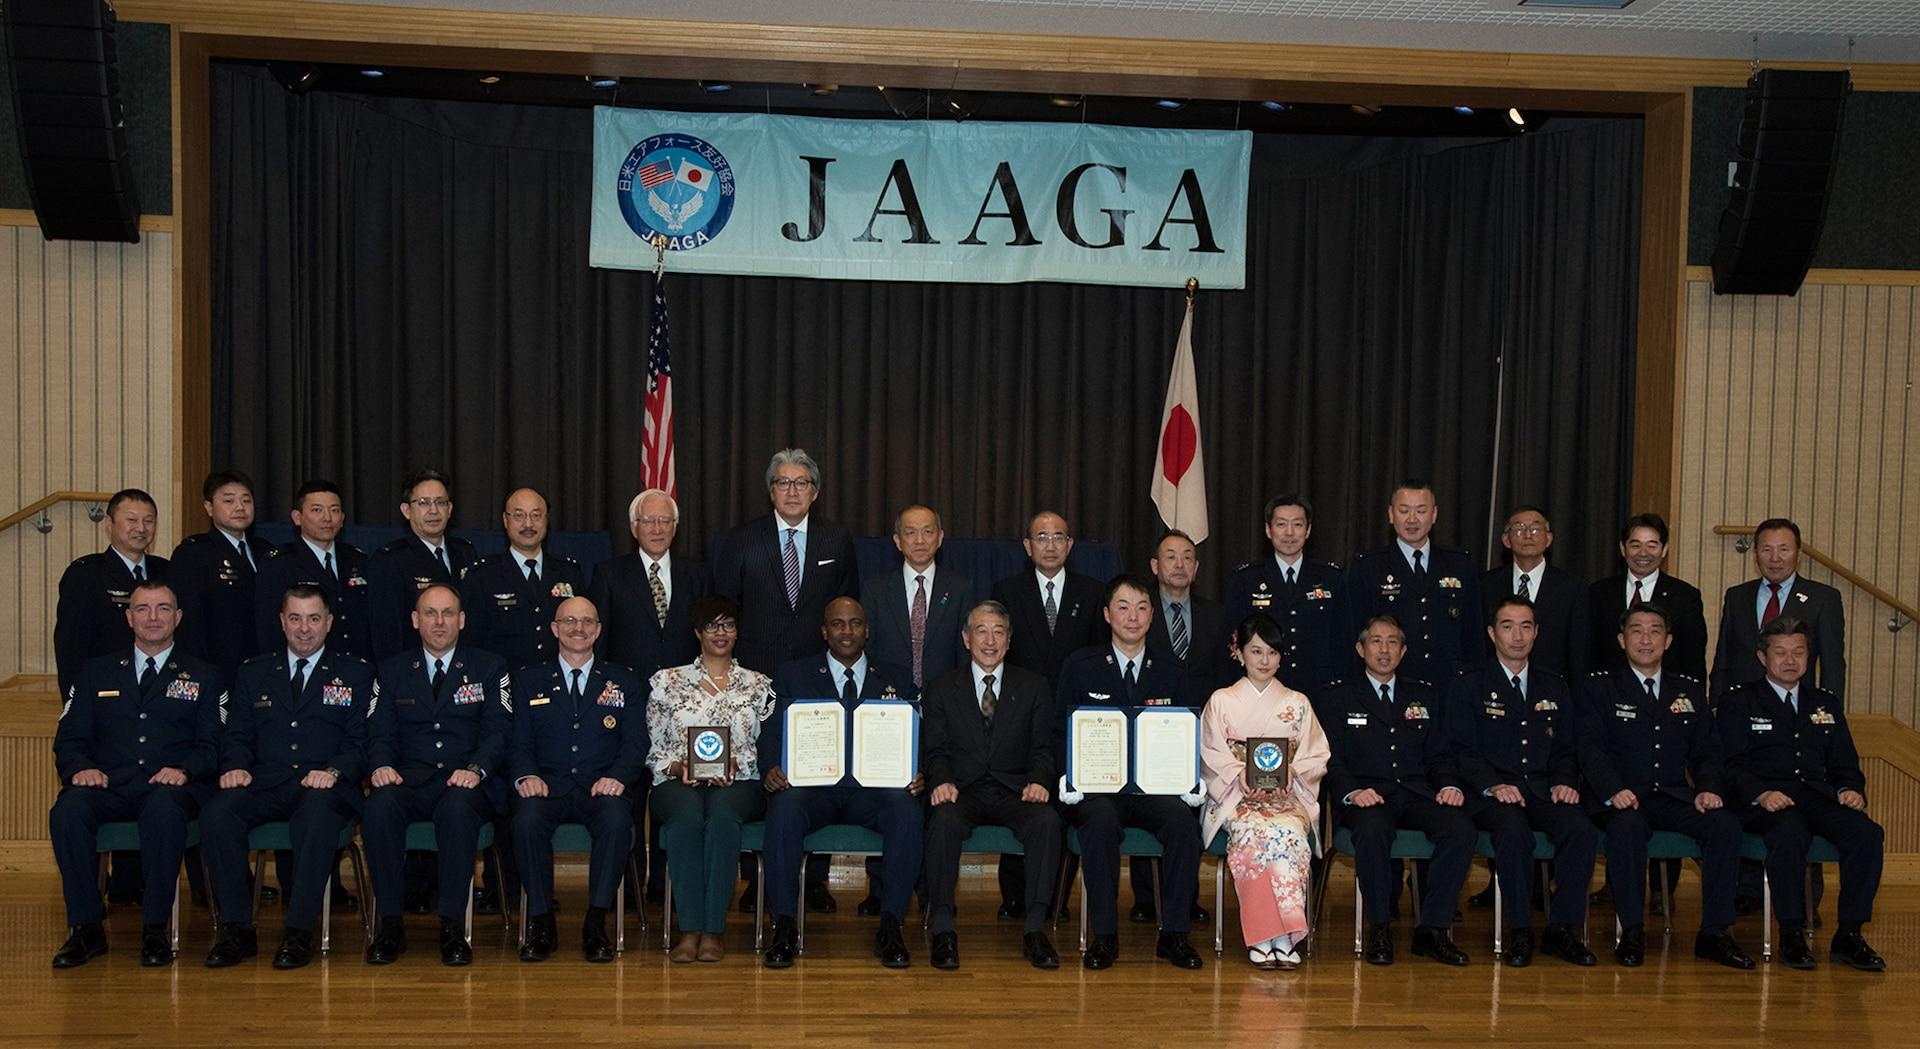 Misawa Airman earns prestigious JAAGA award